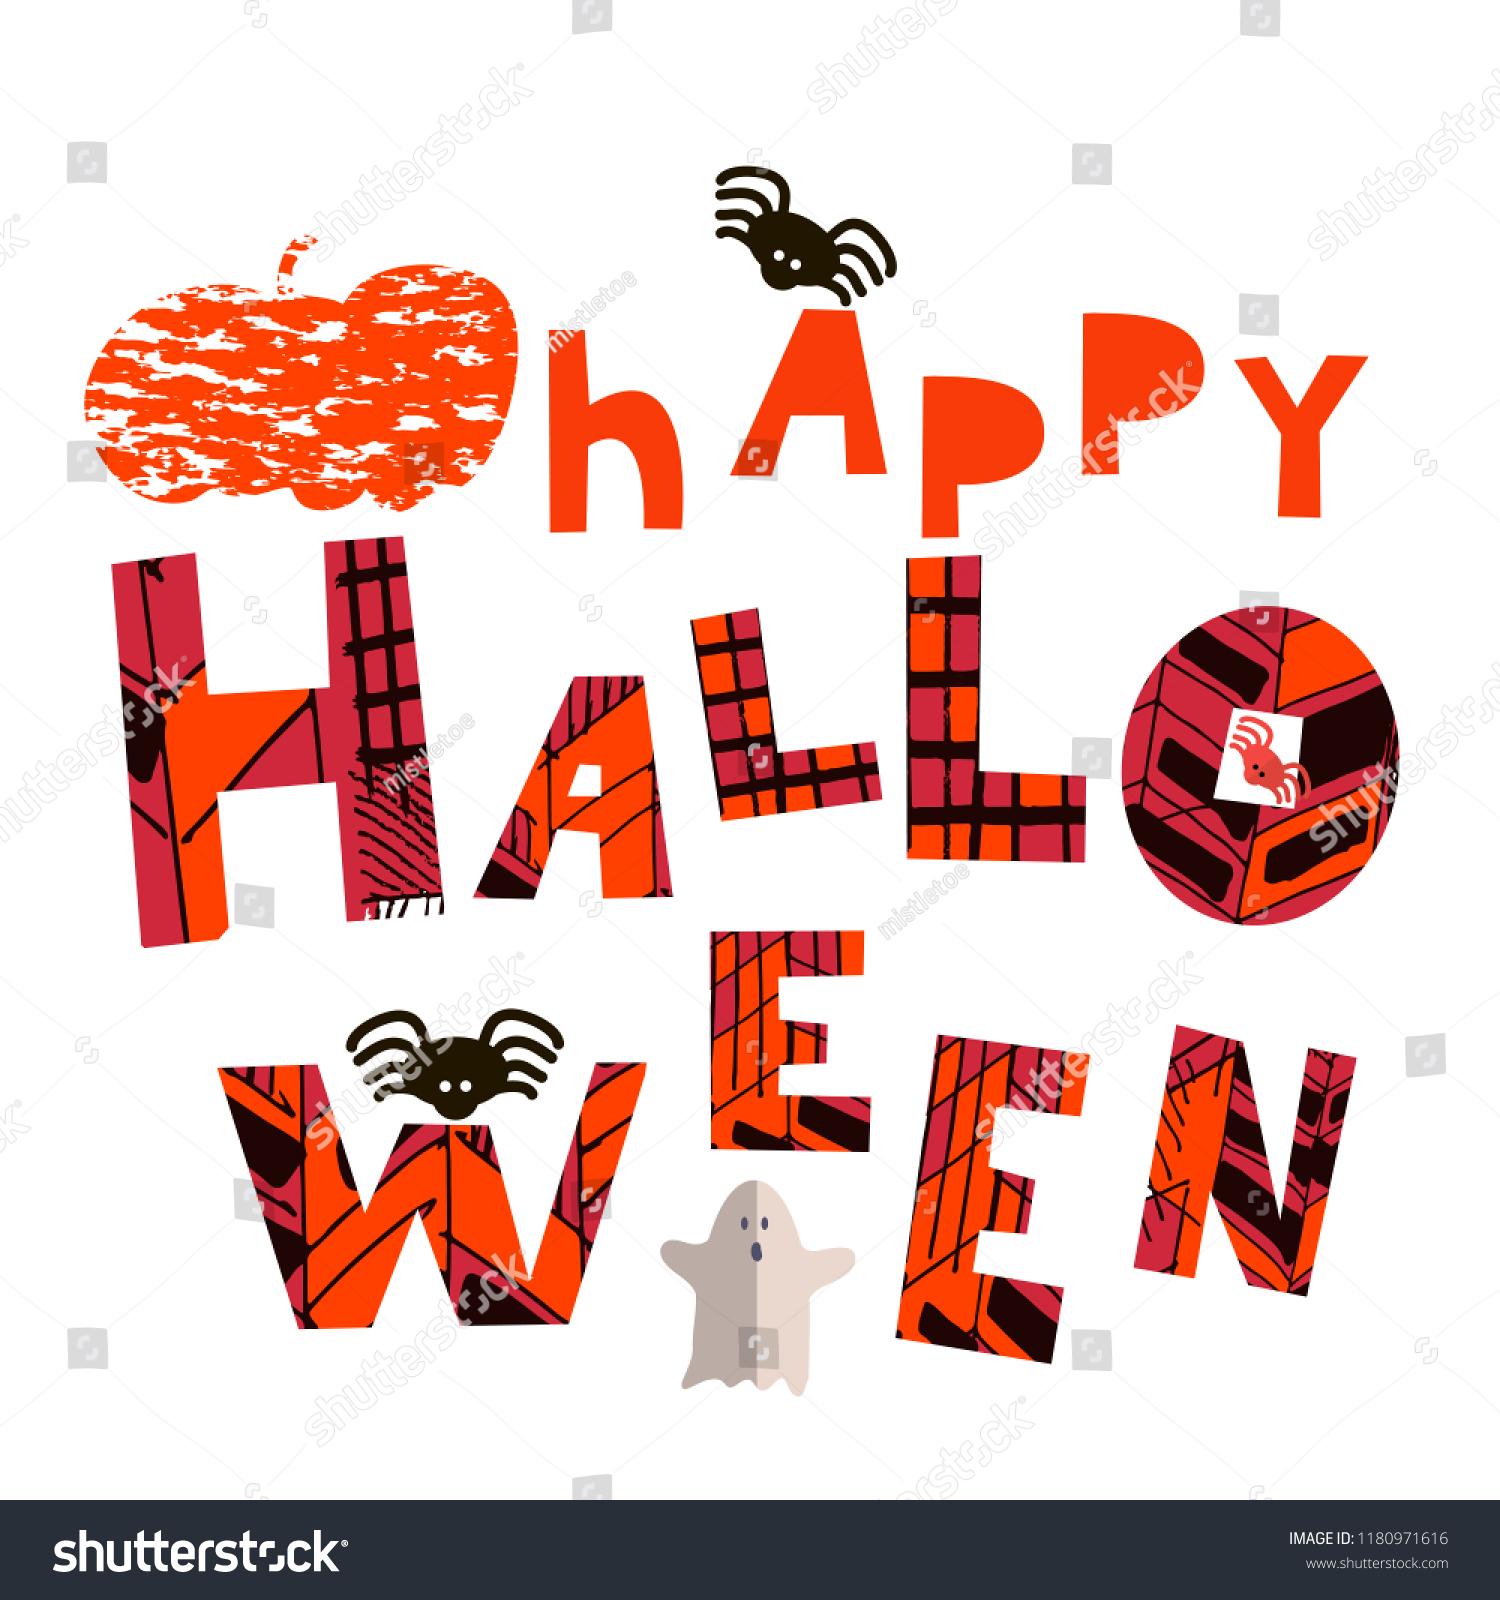 Halloween template word topsimages halloween template halloween templates halloween templates jpg 1500x1600 halloween template word maxwellsz